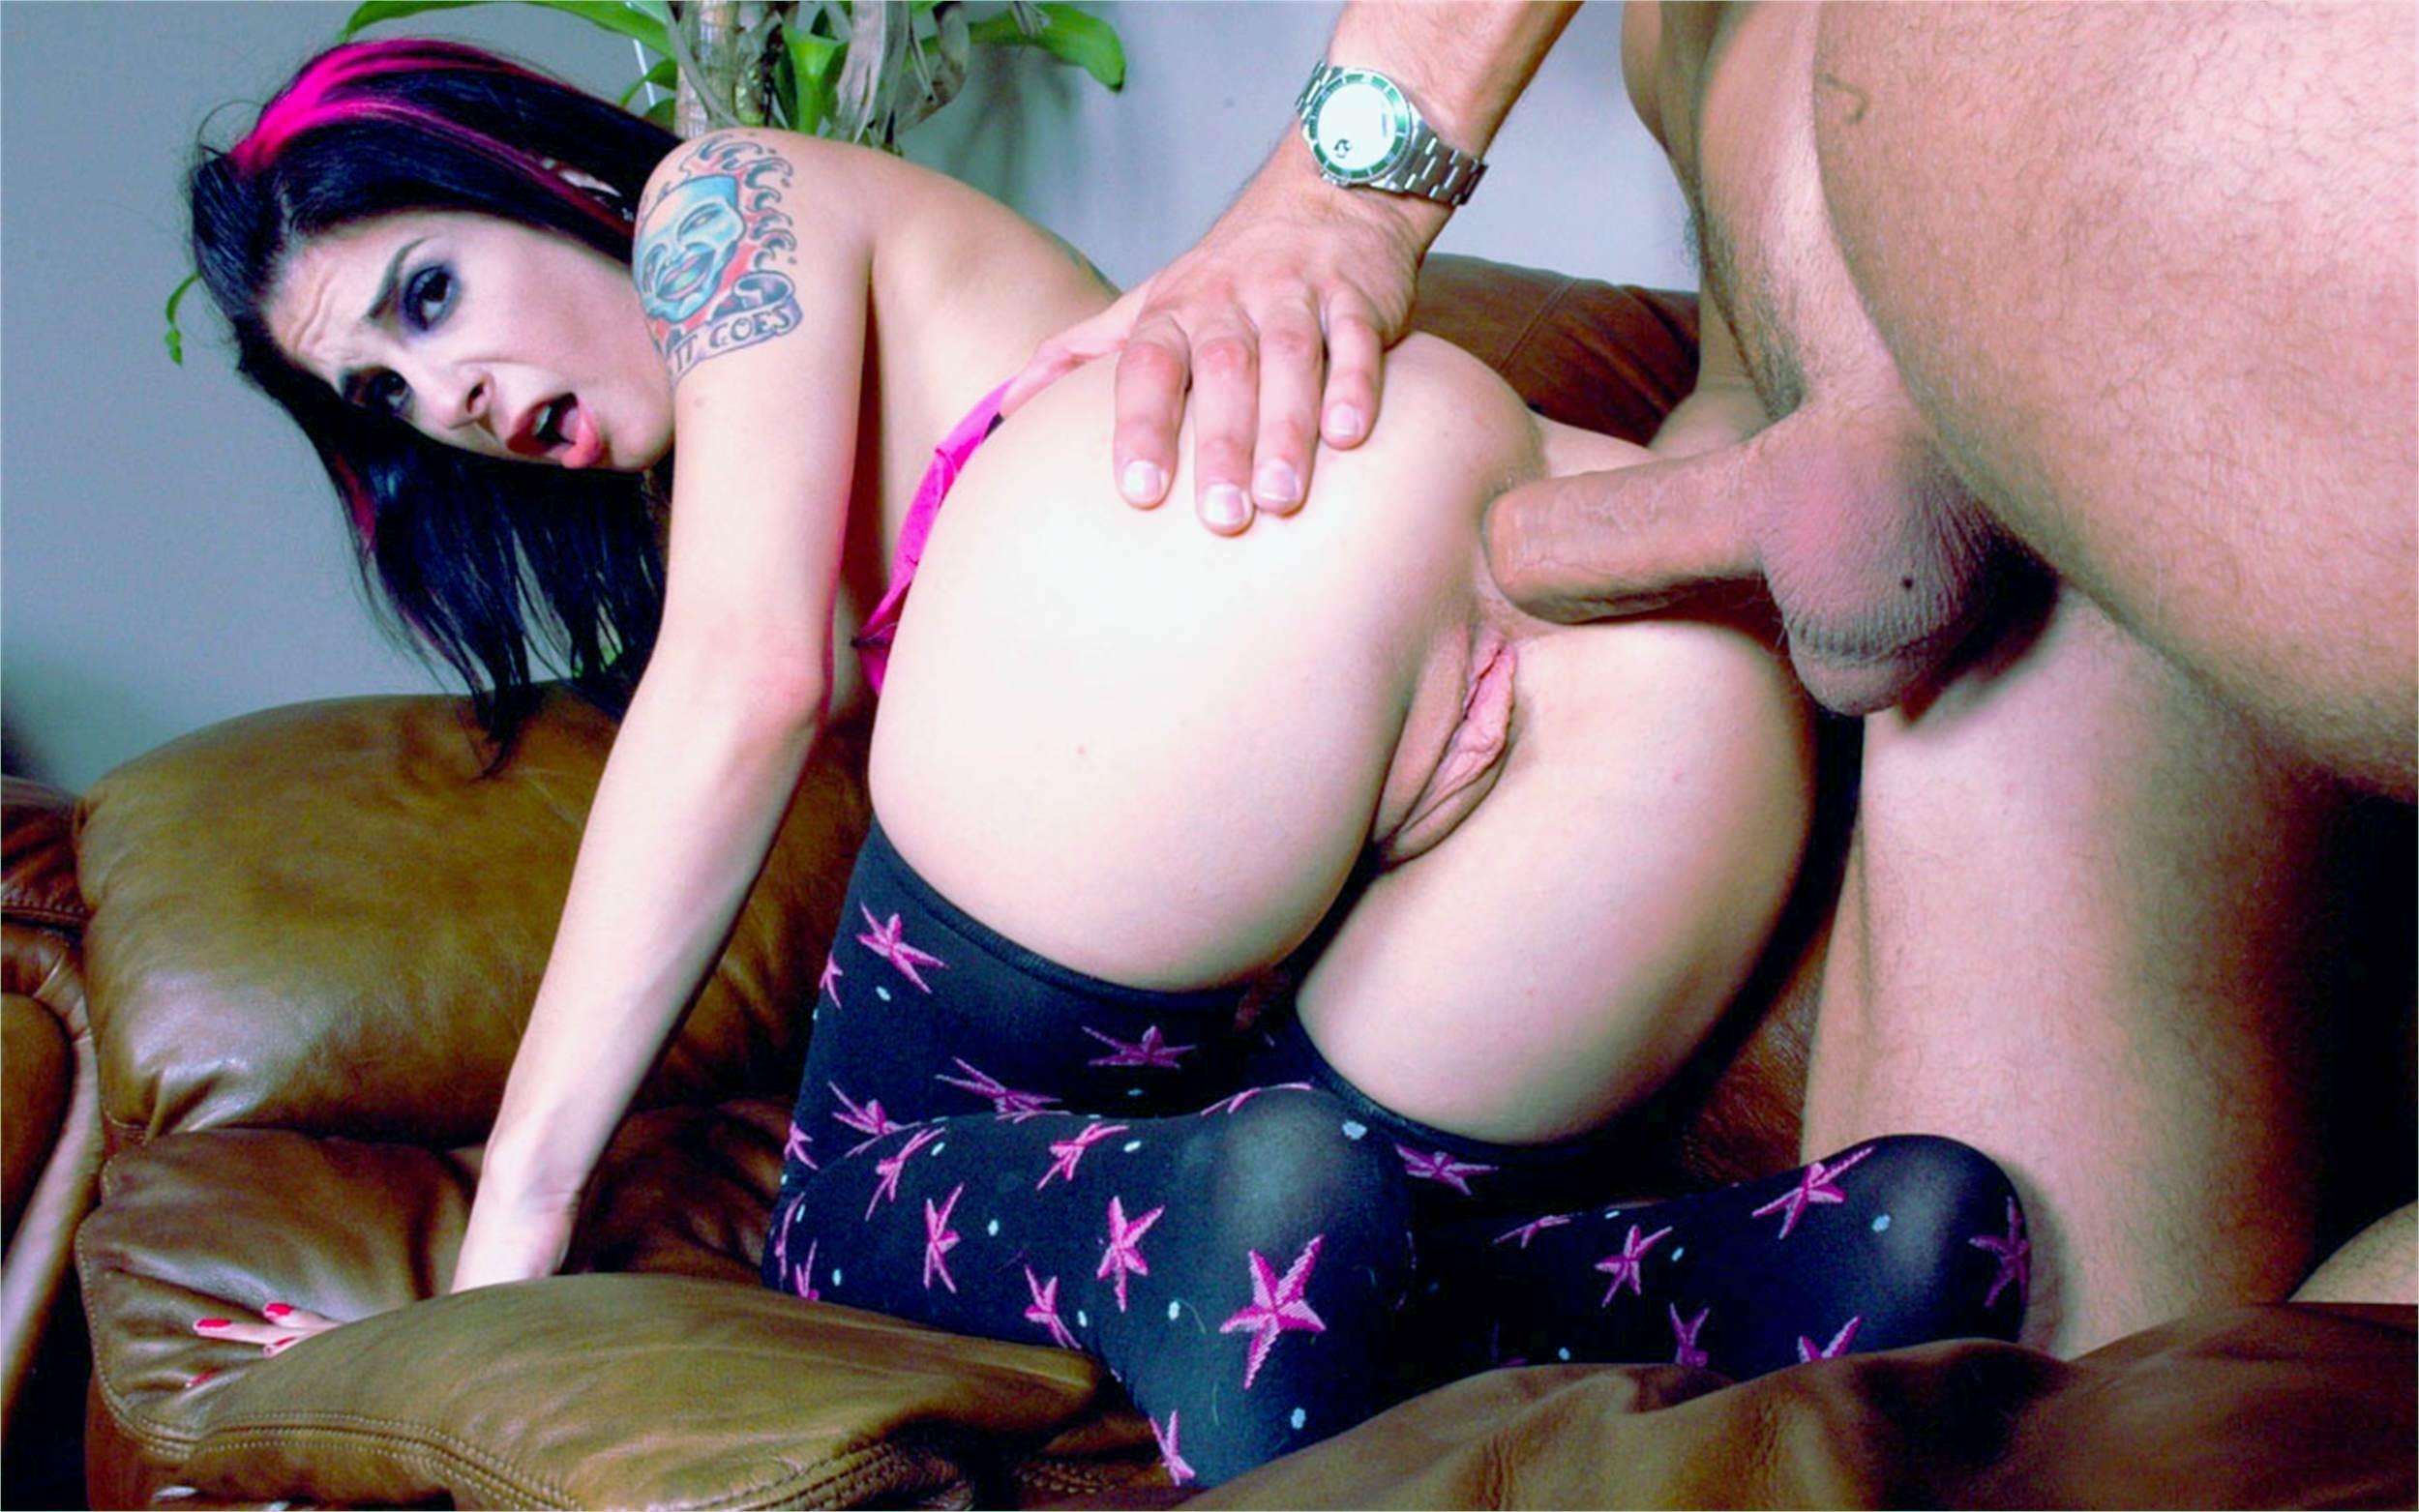 Секс в анал с девушкой в чулках фото 4 фотография